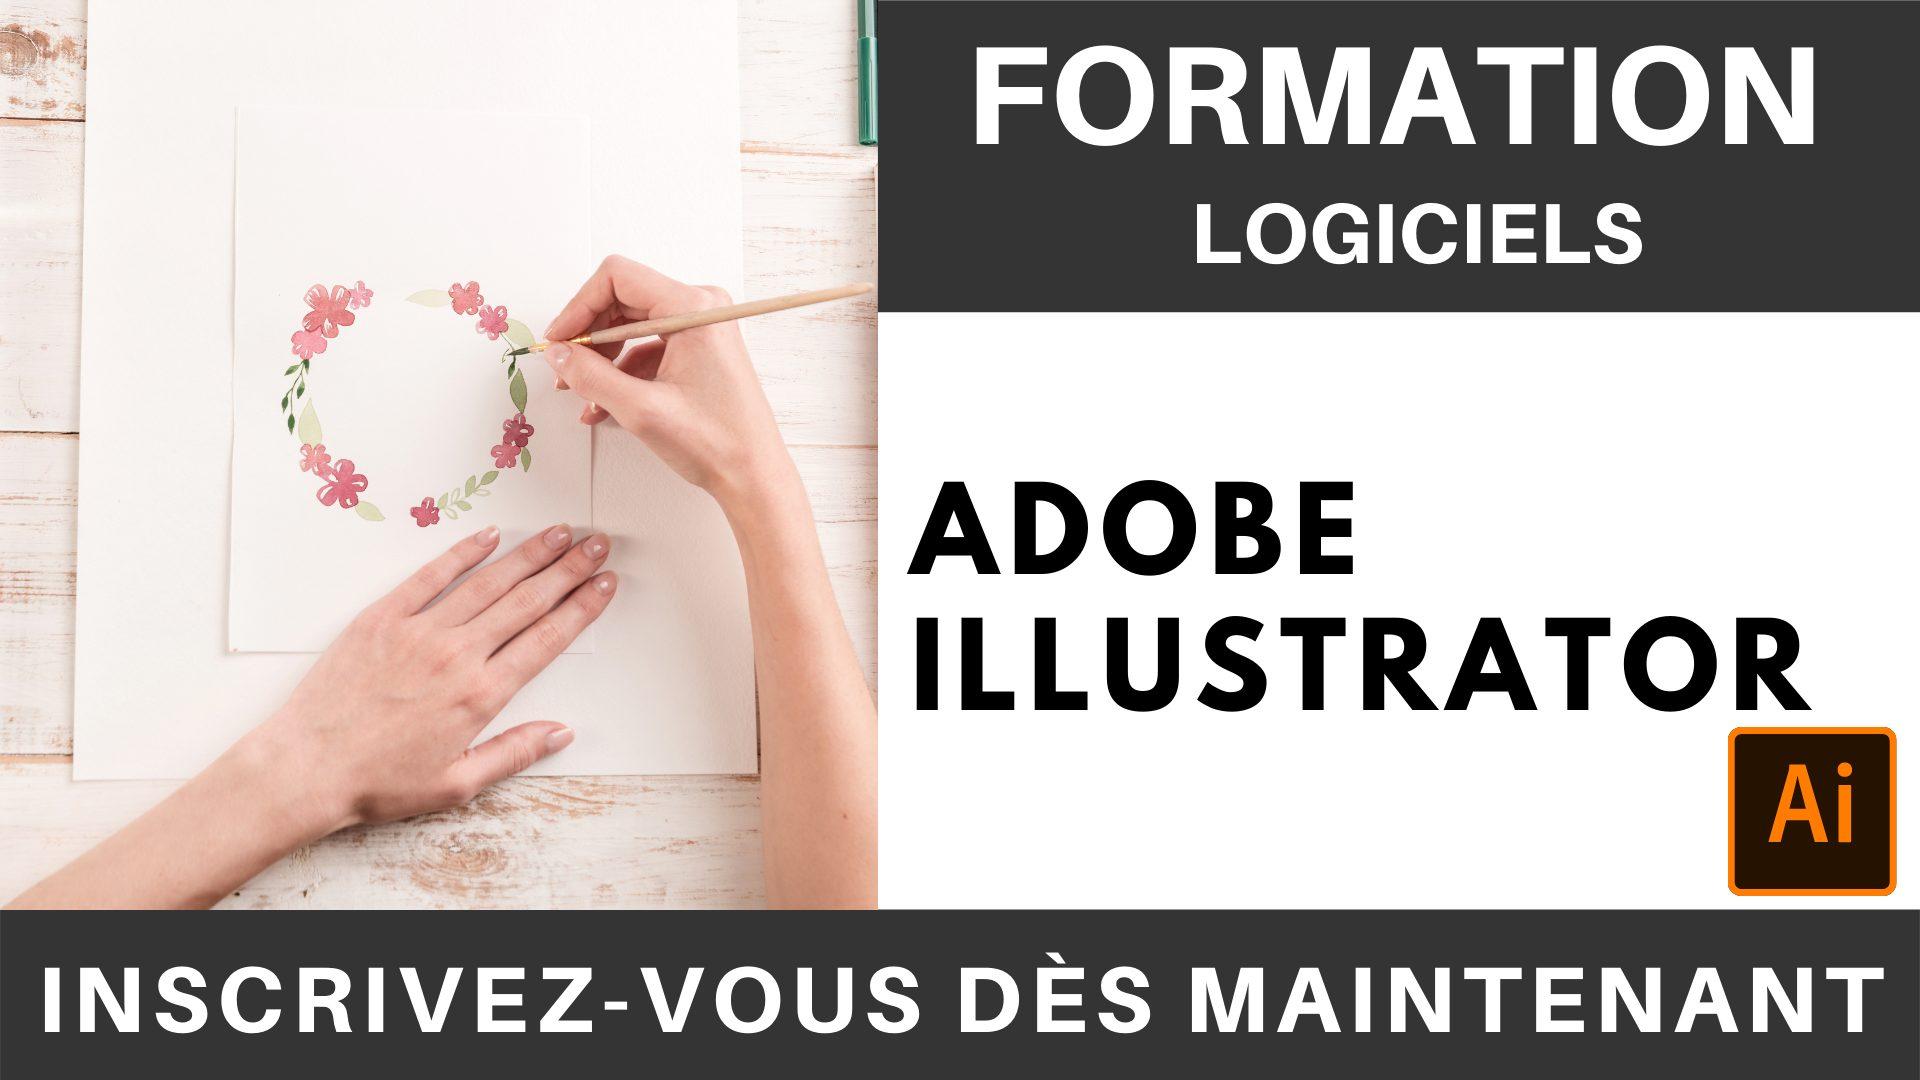 Formation LOGICIEL - Adobe Illustrator - Niveau débutant intermédiaire - 2 jours (1)